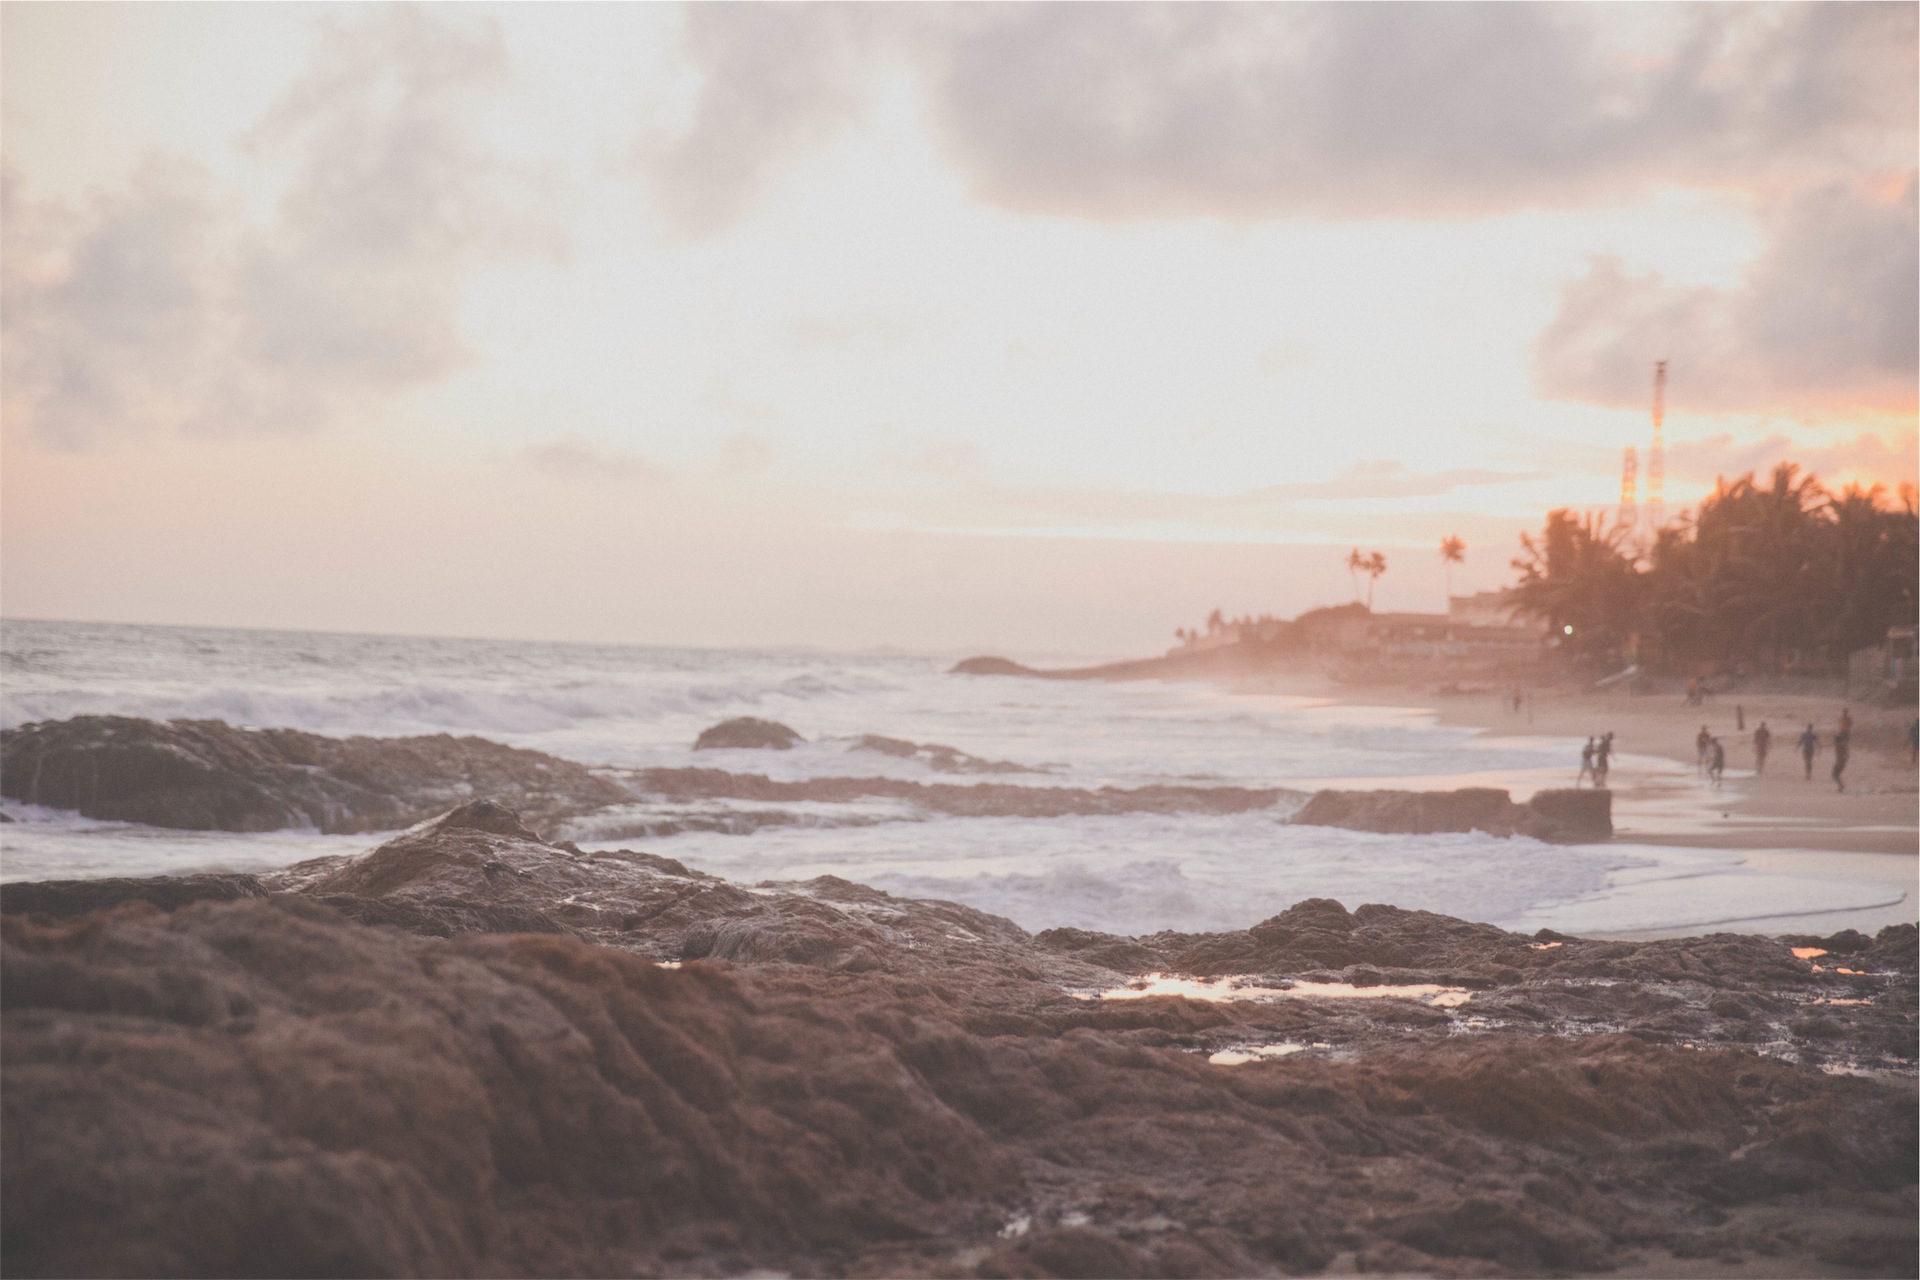 Rocas, Пляж, песок, расслабиться, Закат - Обои HD - Профессор falken.com